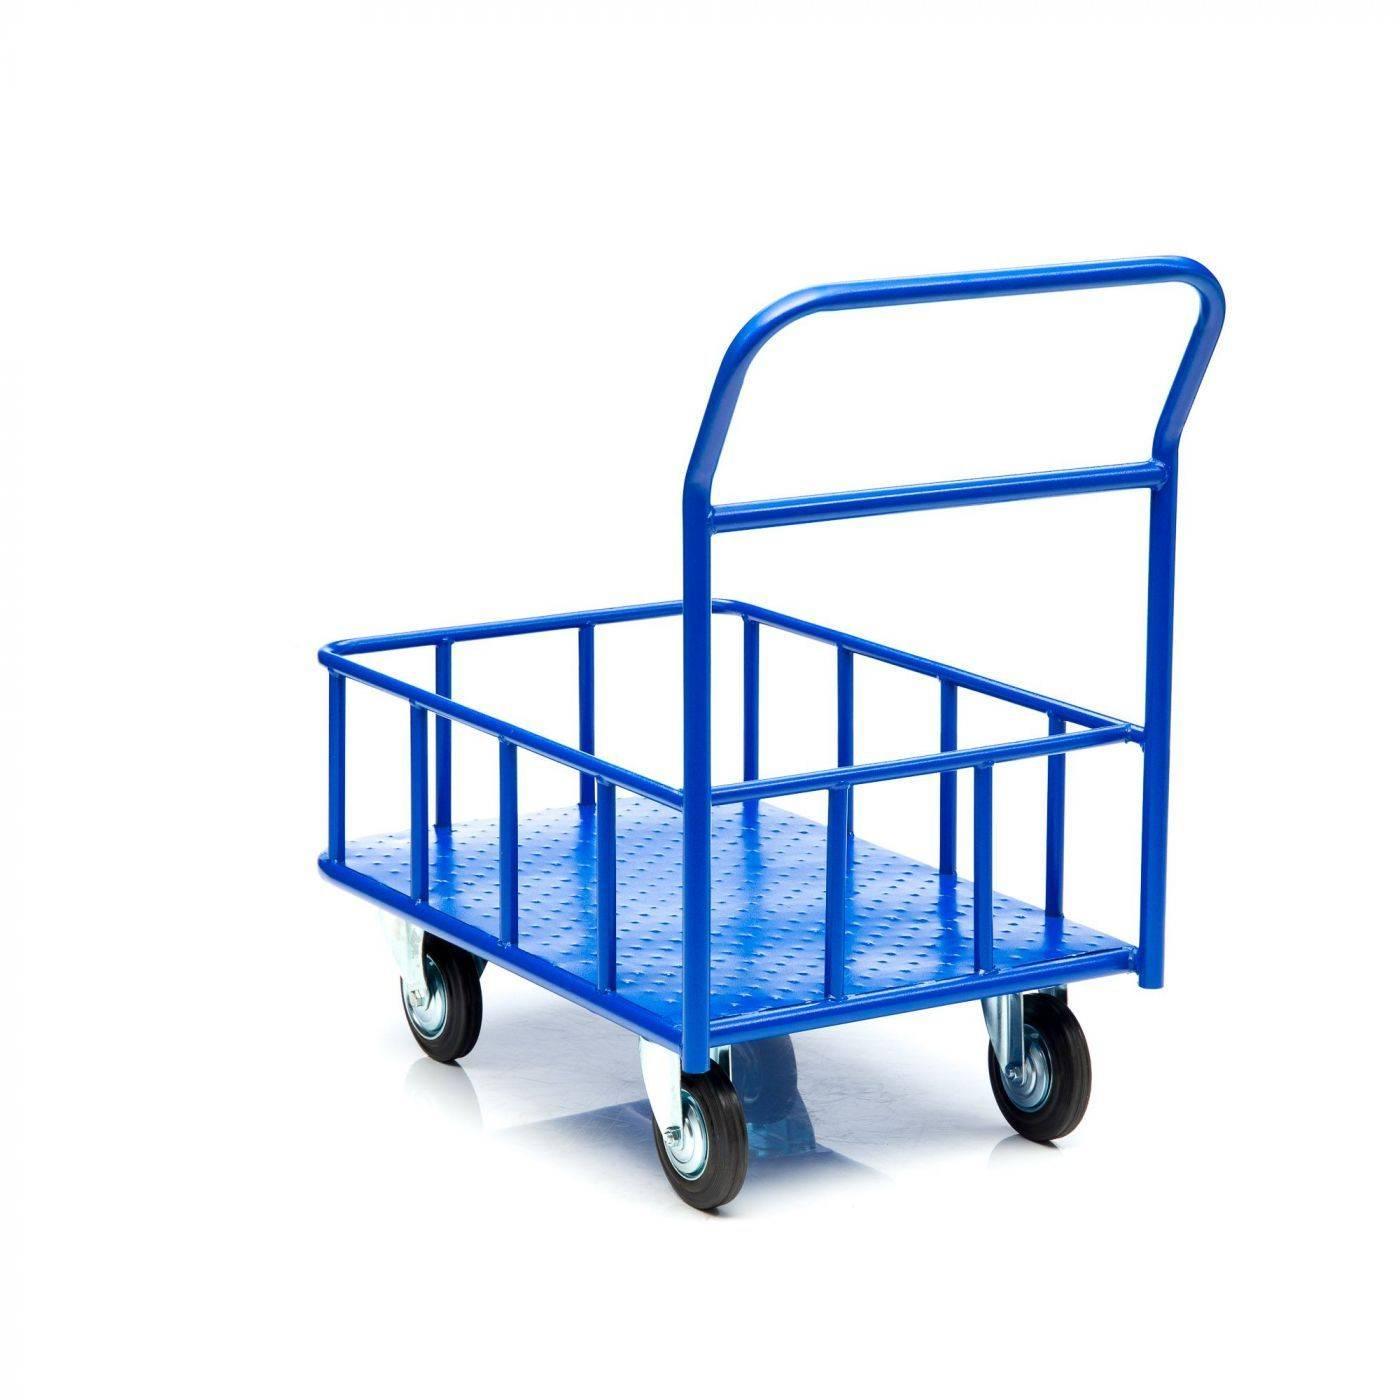 Платформенная тележка на 4 колесах: четырехколесная гидравлическая платформа